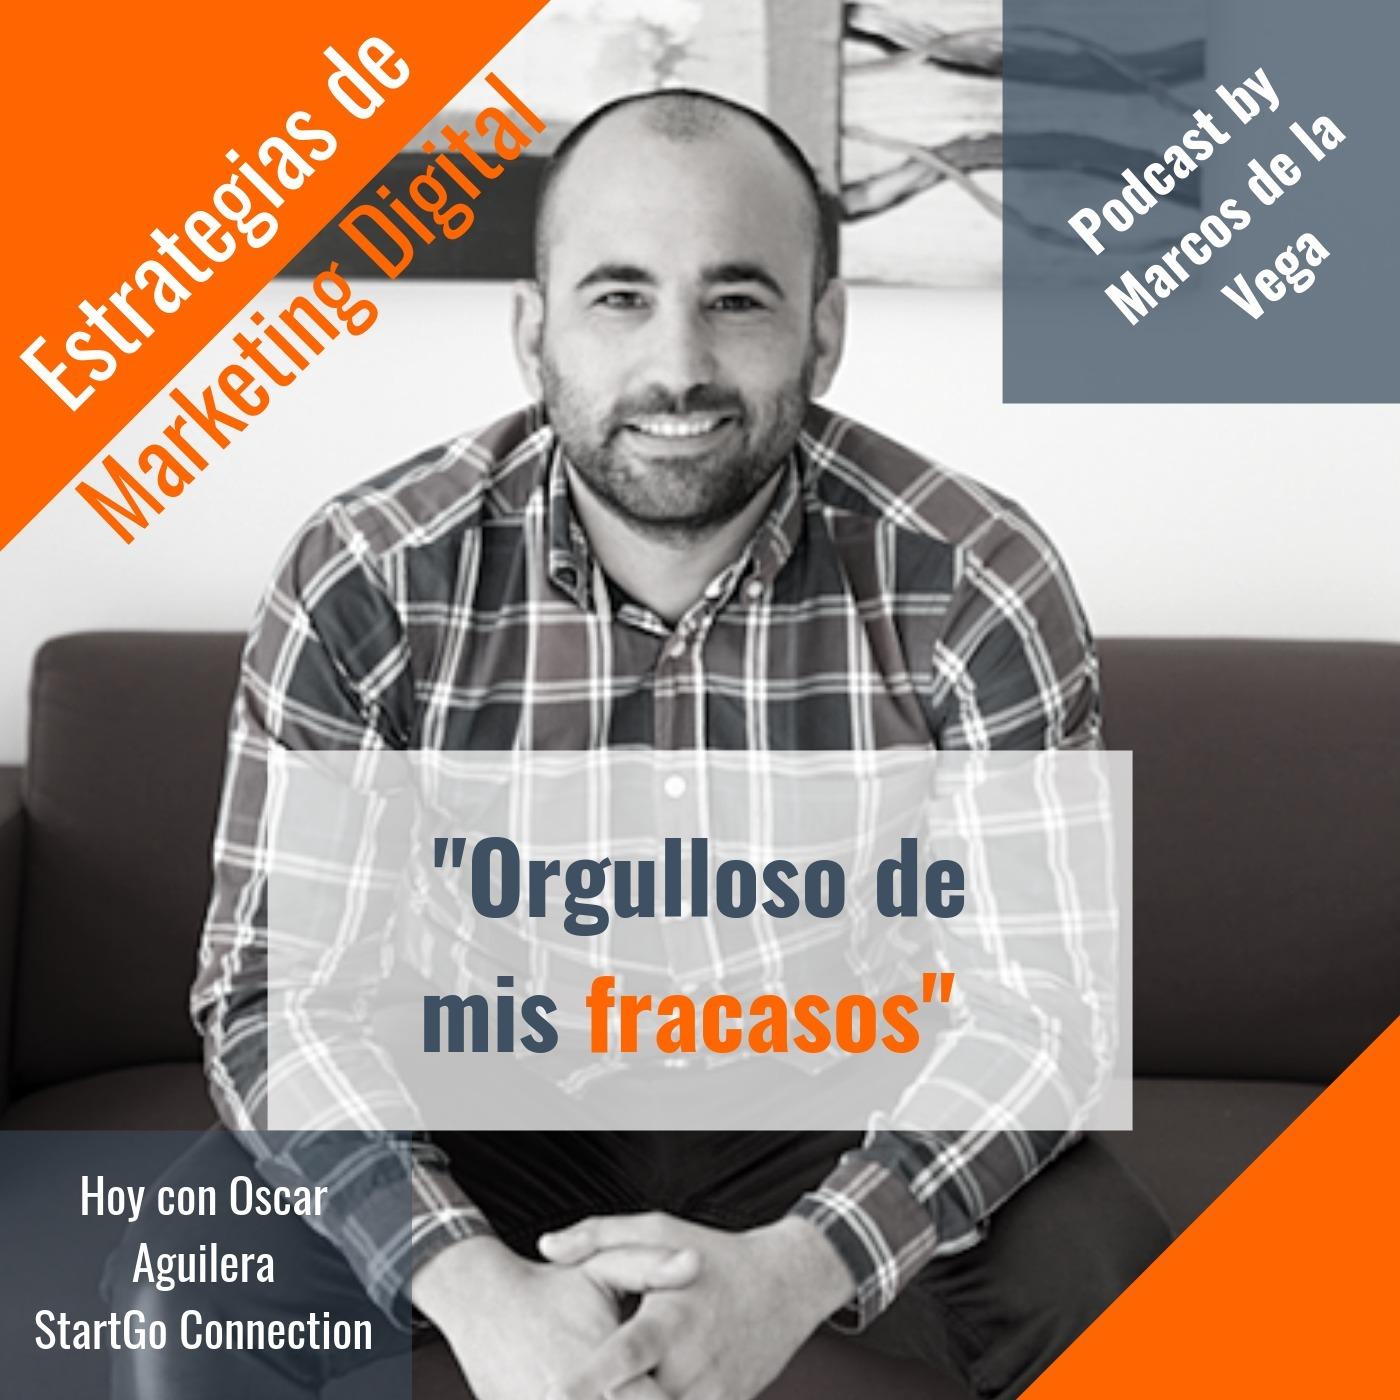 Episodio 7 - Orgulloso de mis fracasos por Oscar Aguilera de StartGo Connection